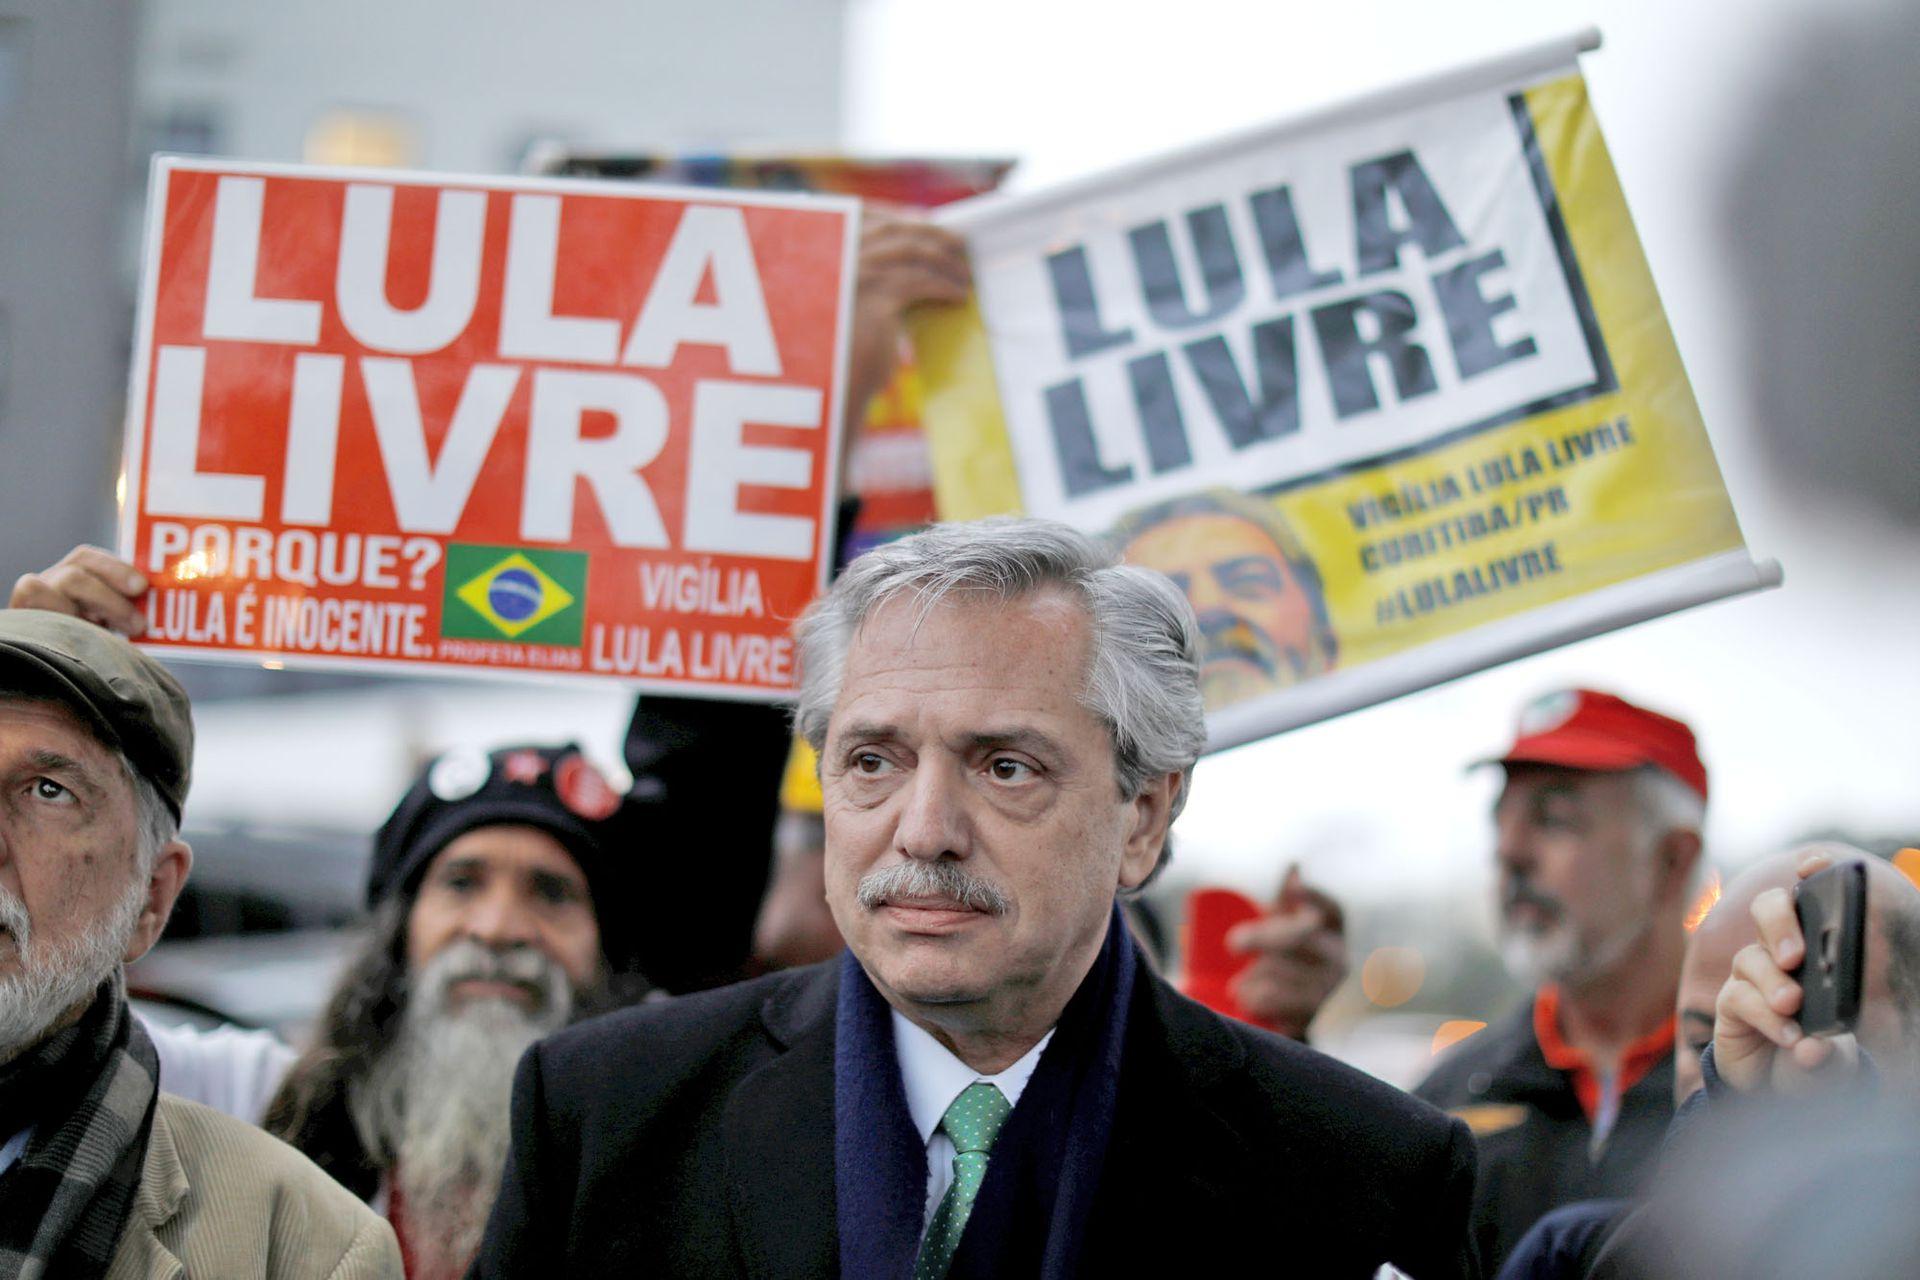 El 4 de julio de 2019 Alberto Fernández visitó al expresidente brasileño Luiz Inácio Lula da Silva en la sede de la Policía Federal en Curitiba, Brasil, donde se encuentra detenido (4 de julio de 2019)